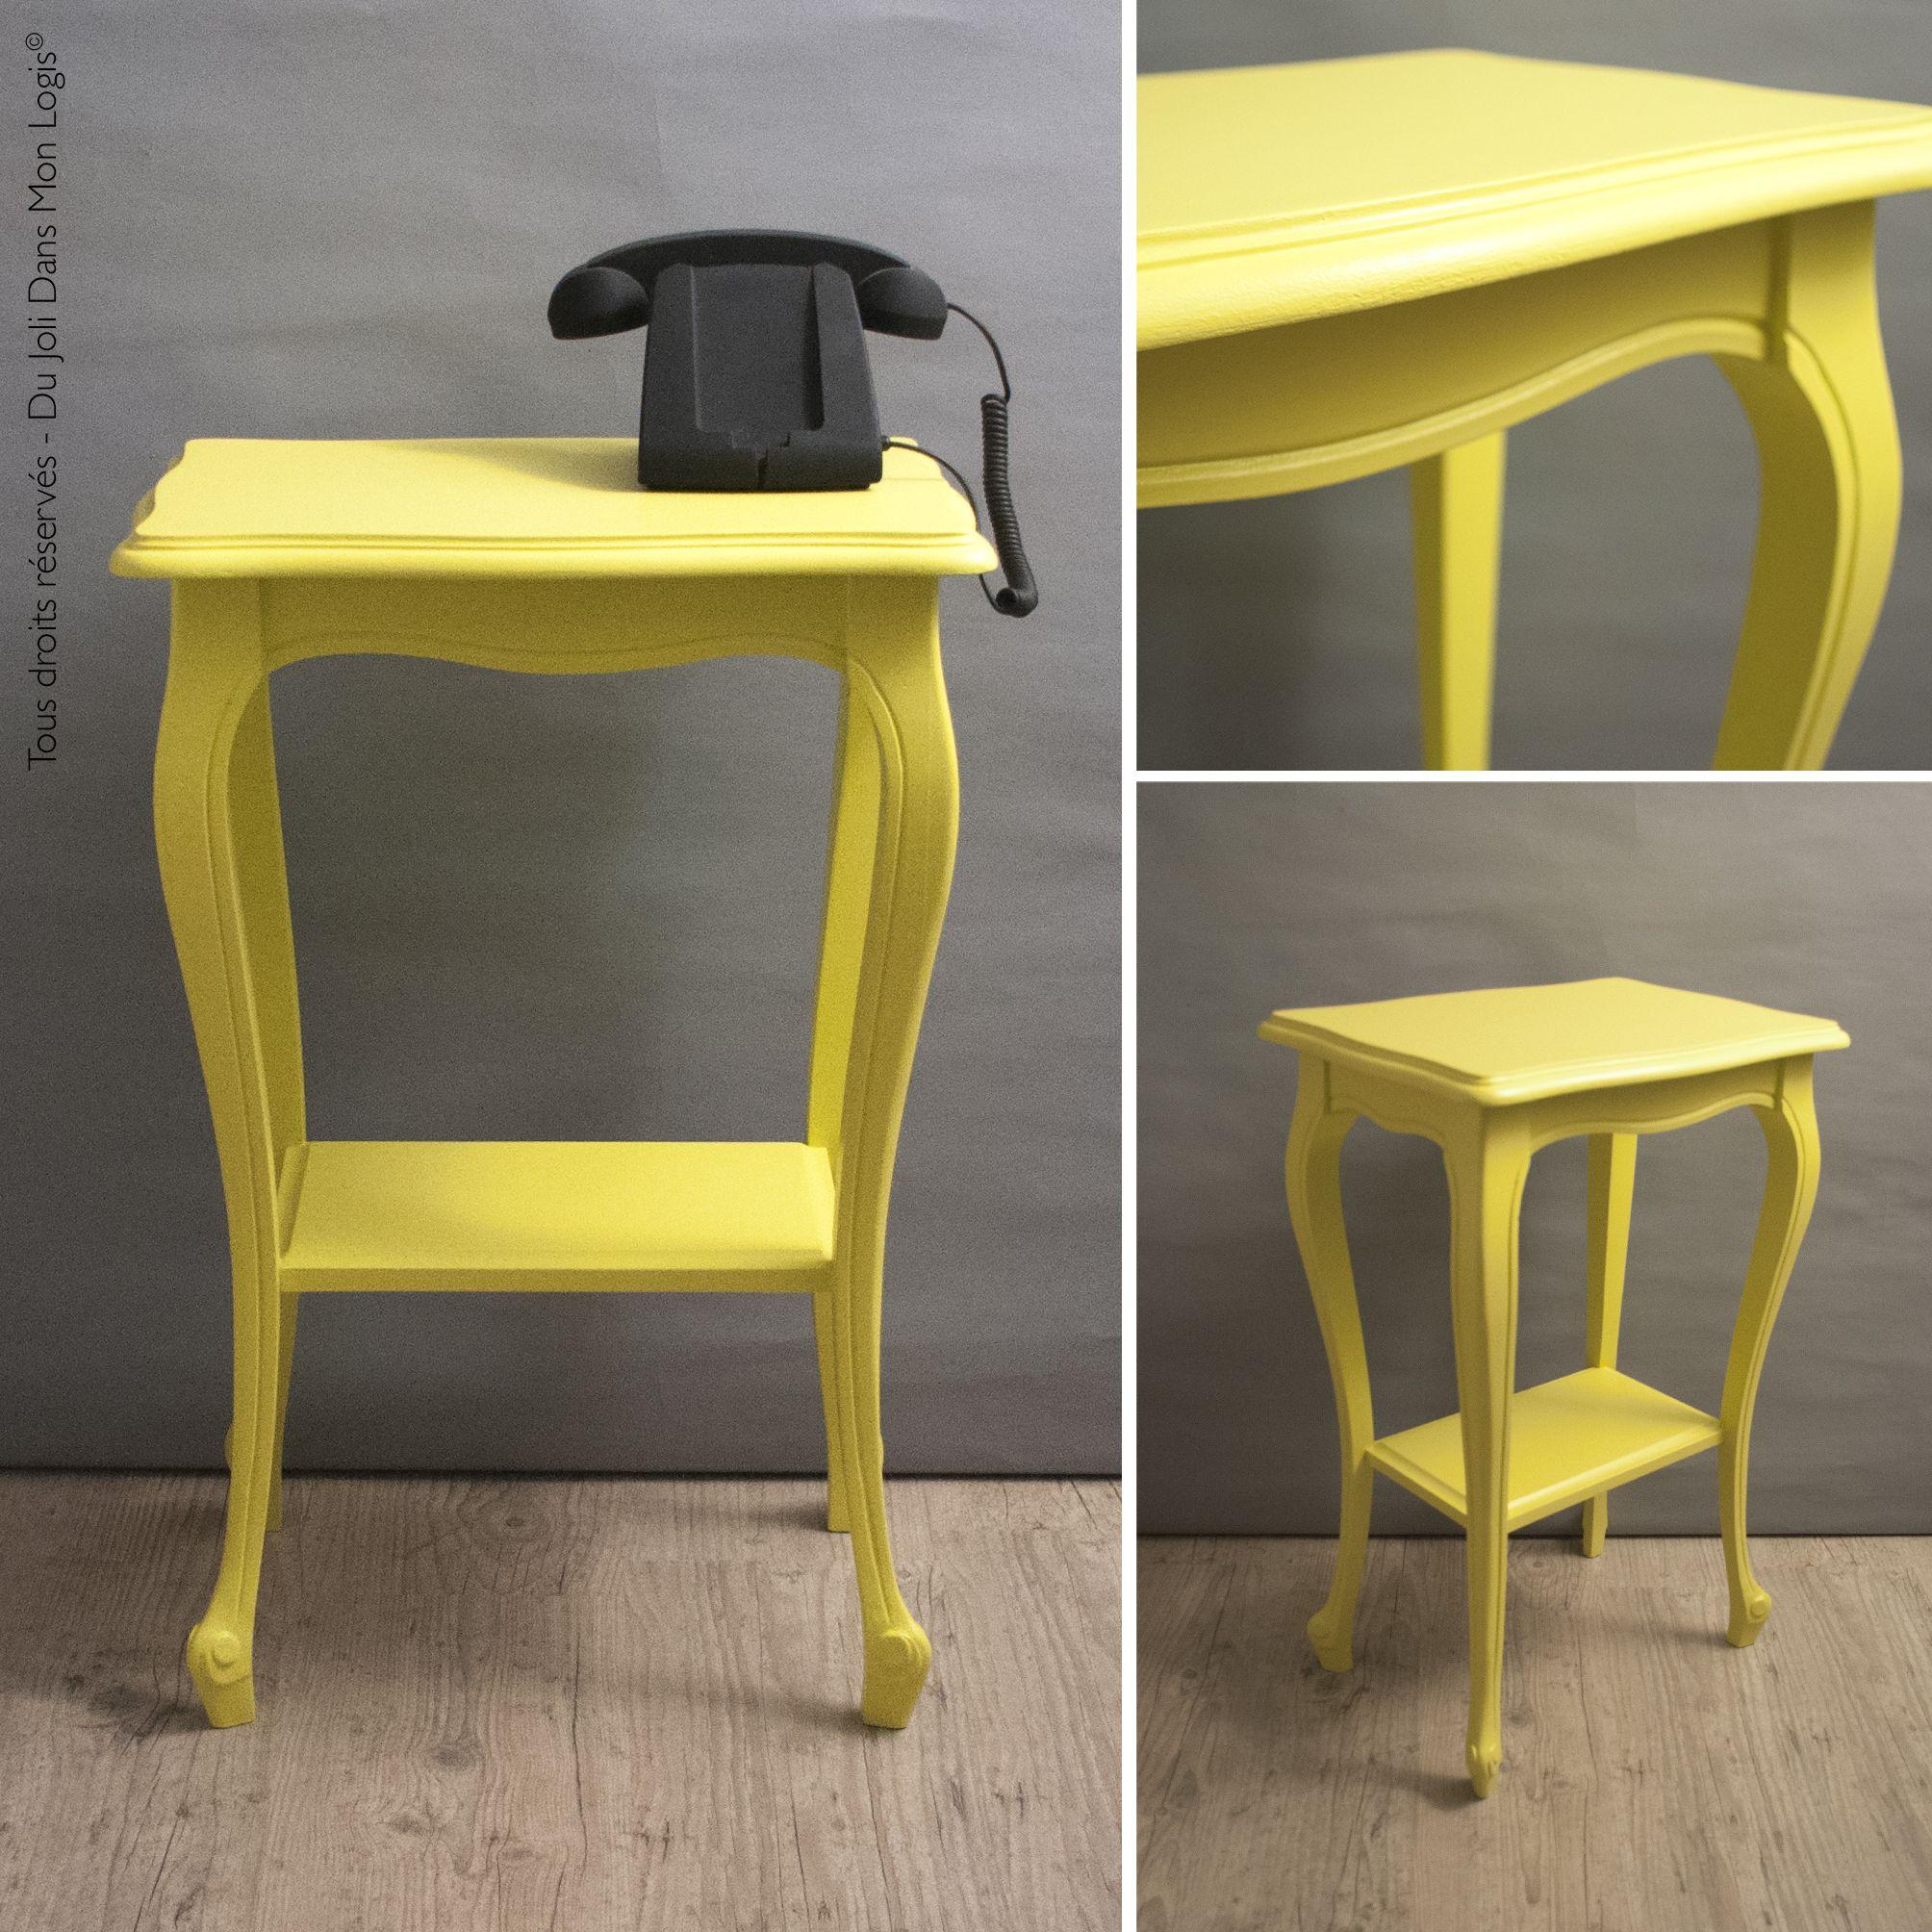 mireille un joli rayon de soleil gu ridon enti rement relook bois peint couleur jaune. Black Bedroom Furniture Sets. Home Design Ideas